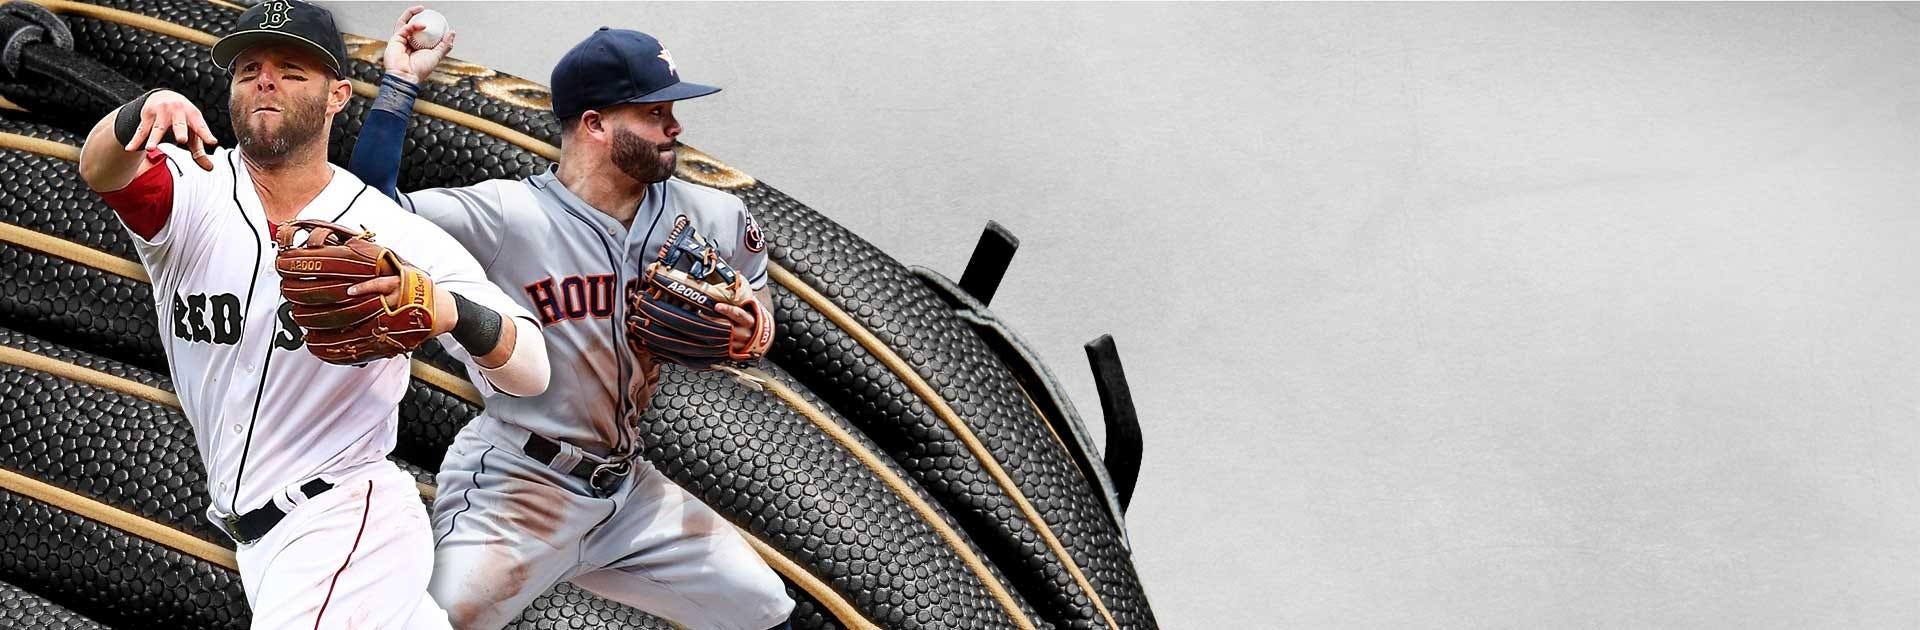 Wilson SuperSkin Baseball Gloves